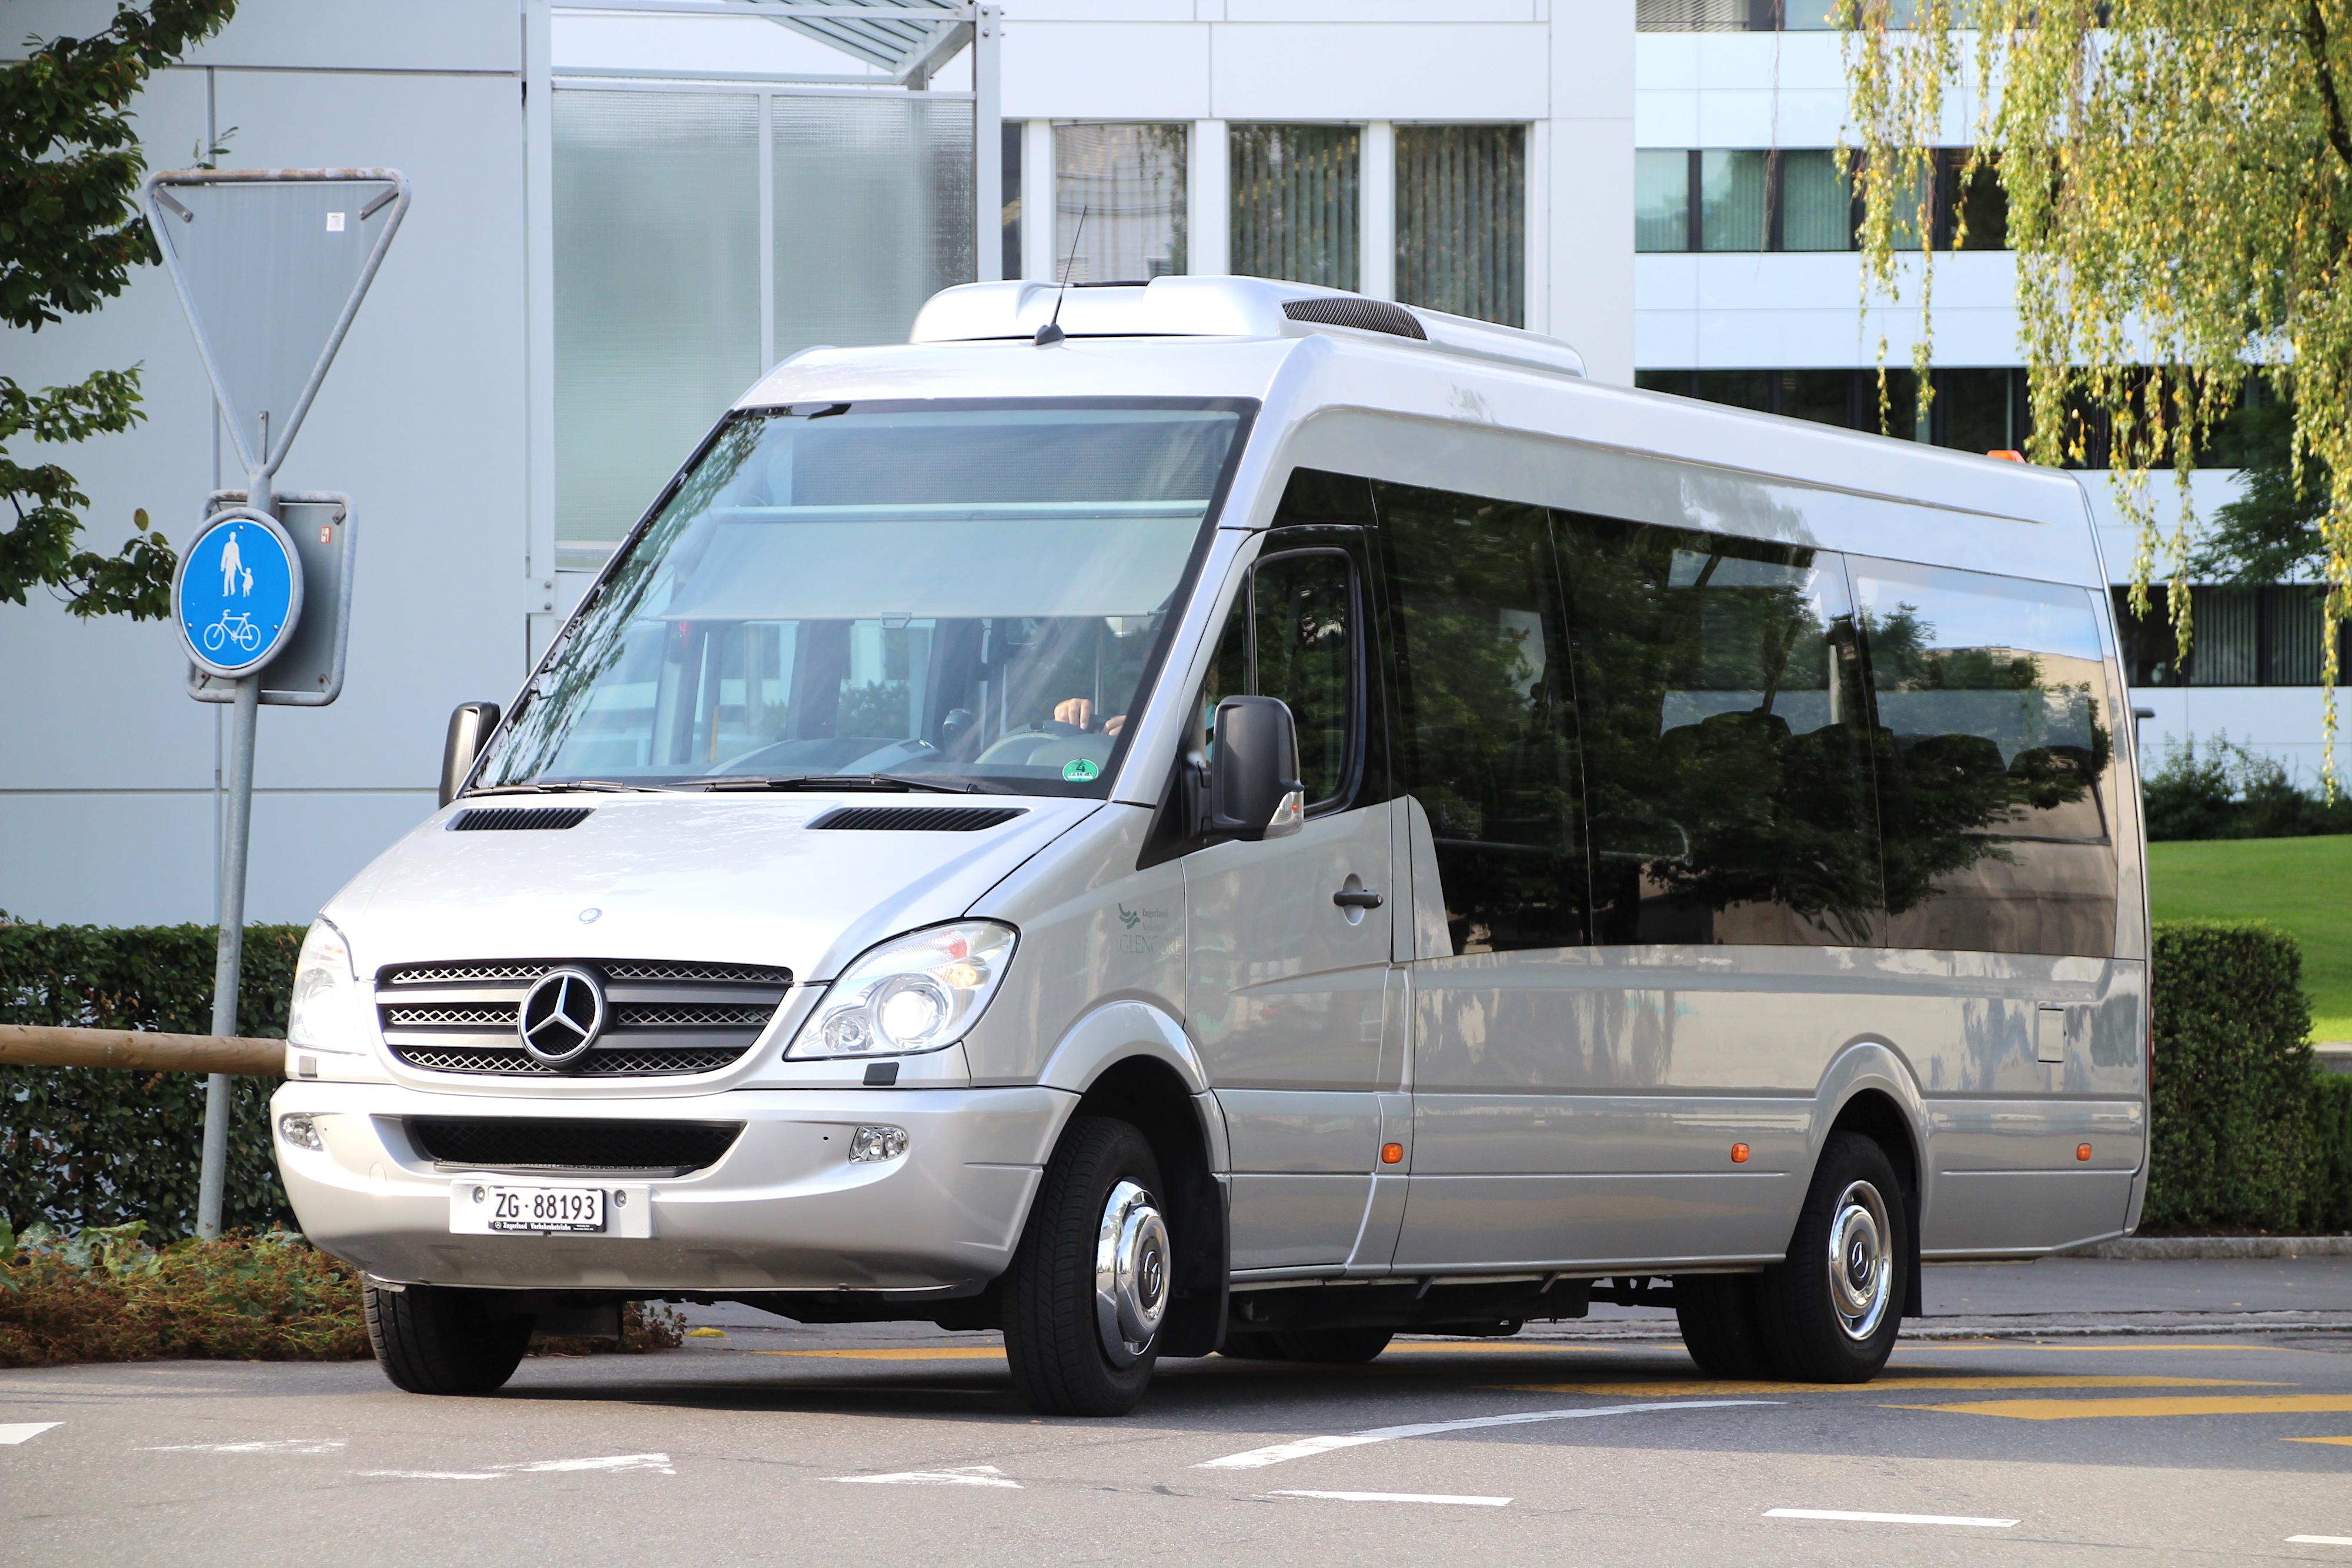 Mit diesen silbernen Shuttlebussen werden Glencore-Mitarbeiter vom Bahnhof Zug zur Firma in Baar kutschiert.